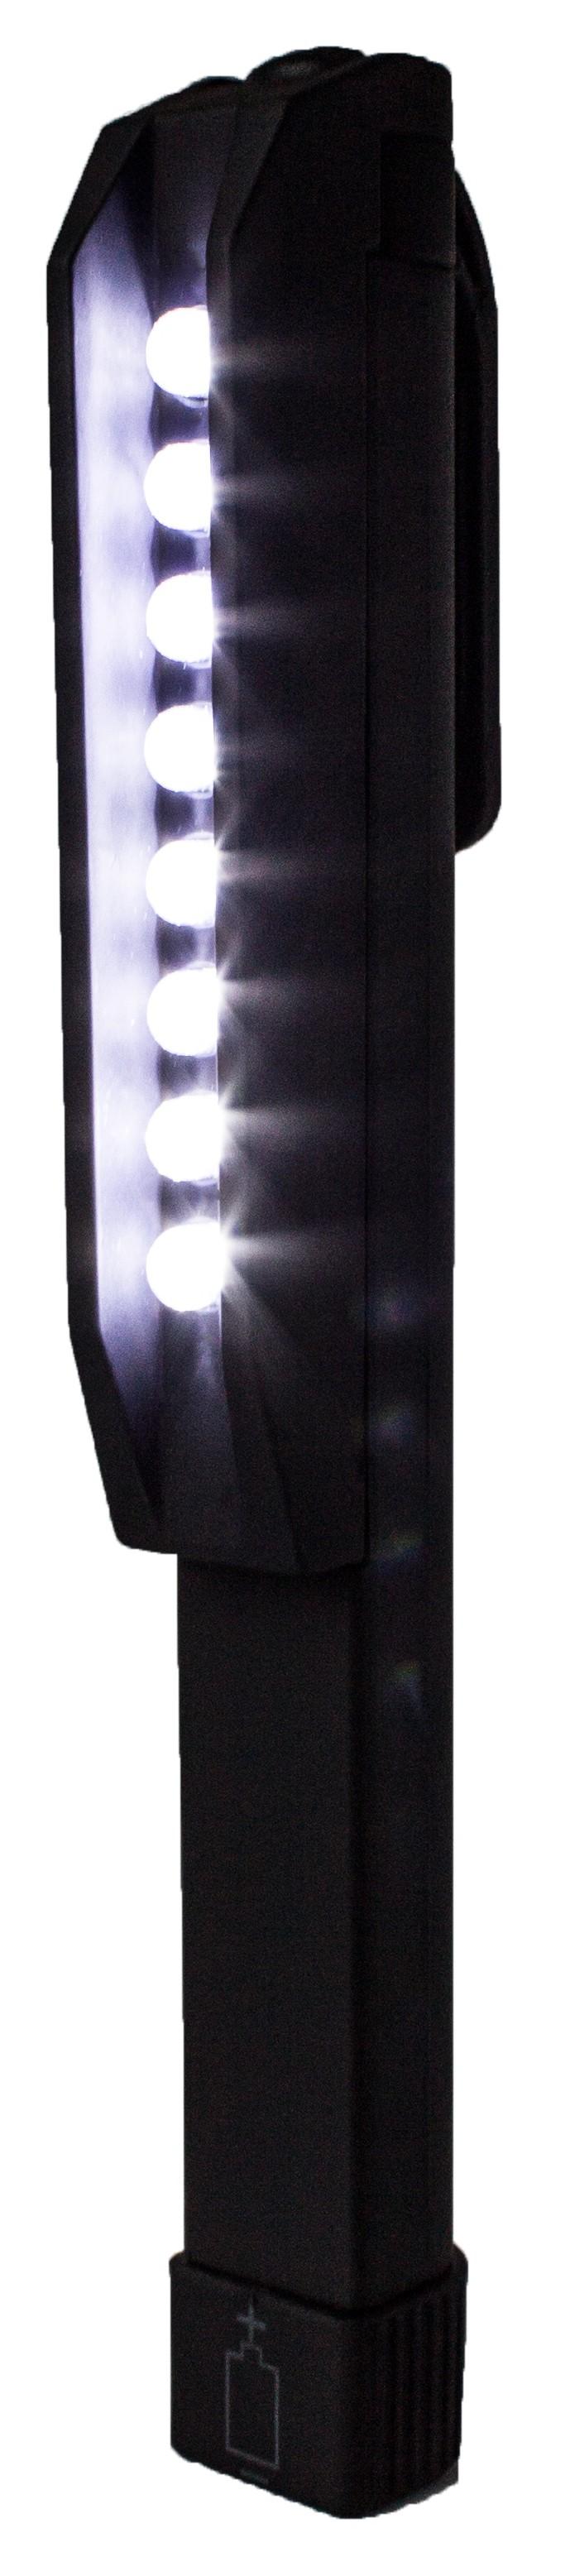 Taschenleuchte - Taschenlampe mit 8 LED